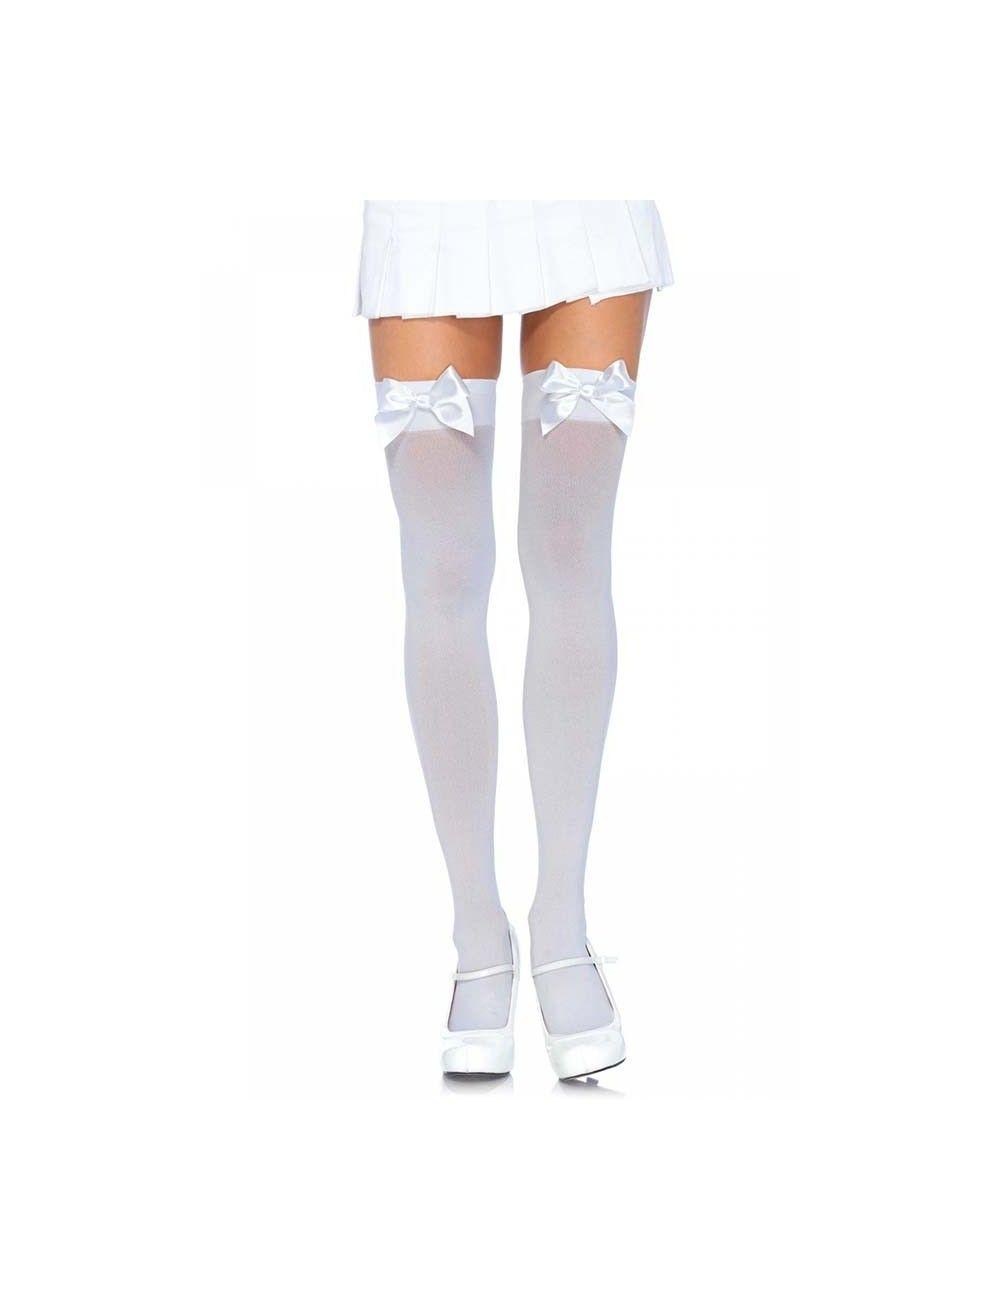 Bas opaques nylon blanc et noeud blanc LEG AVENUE